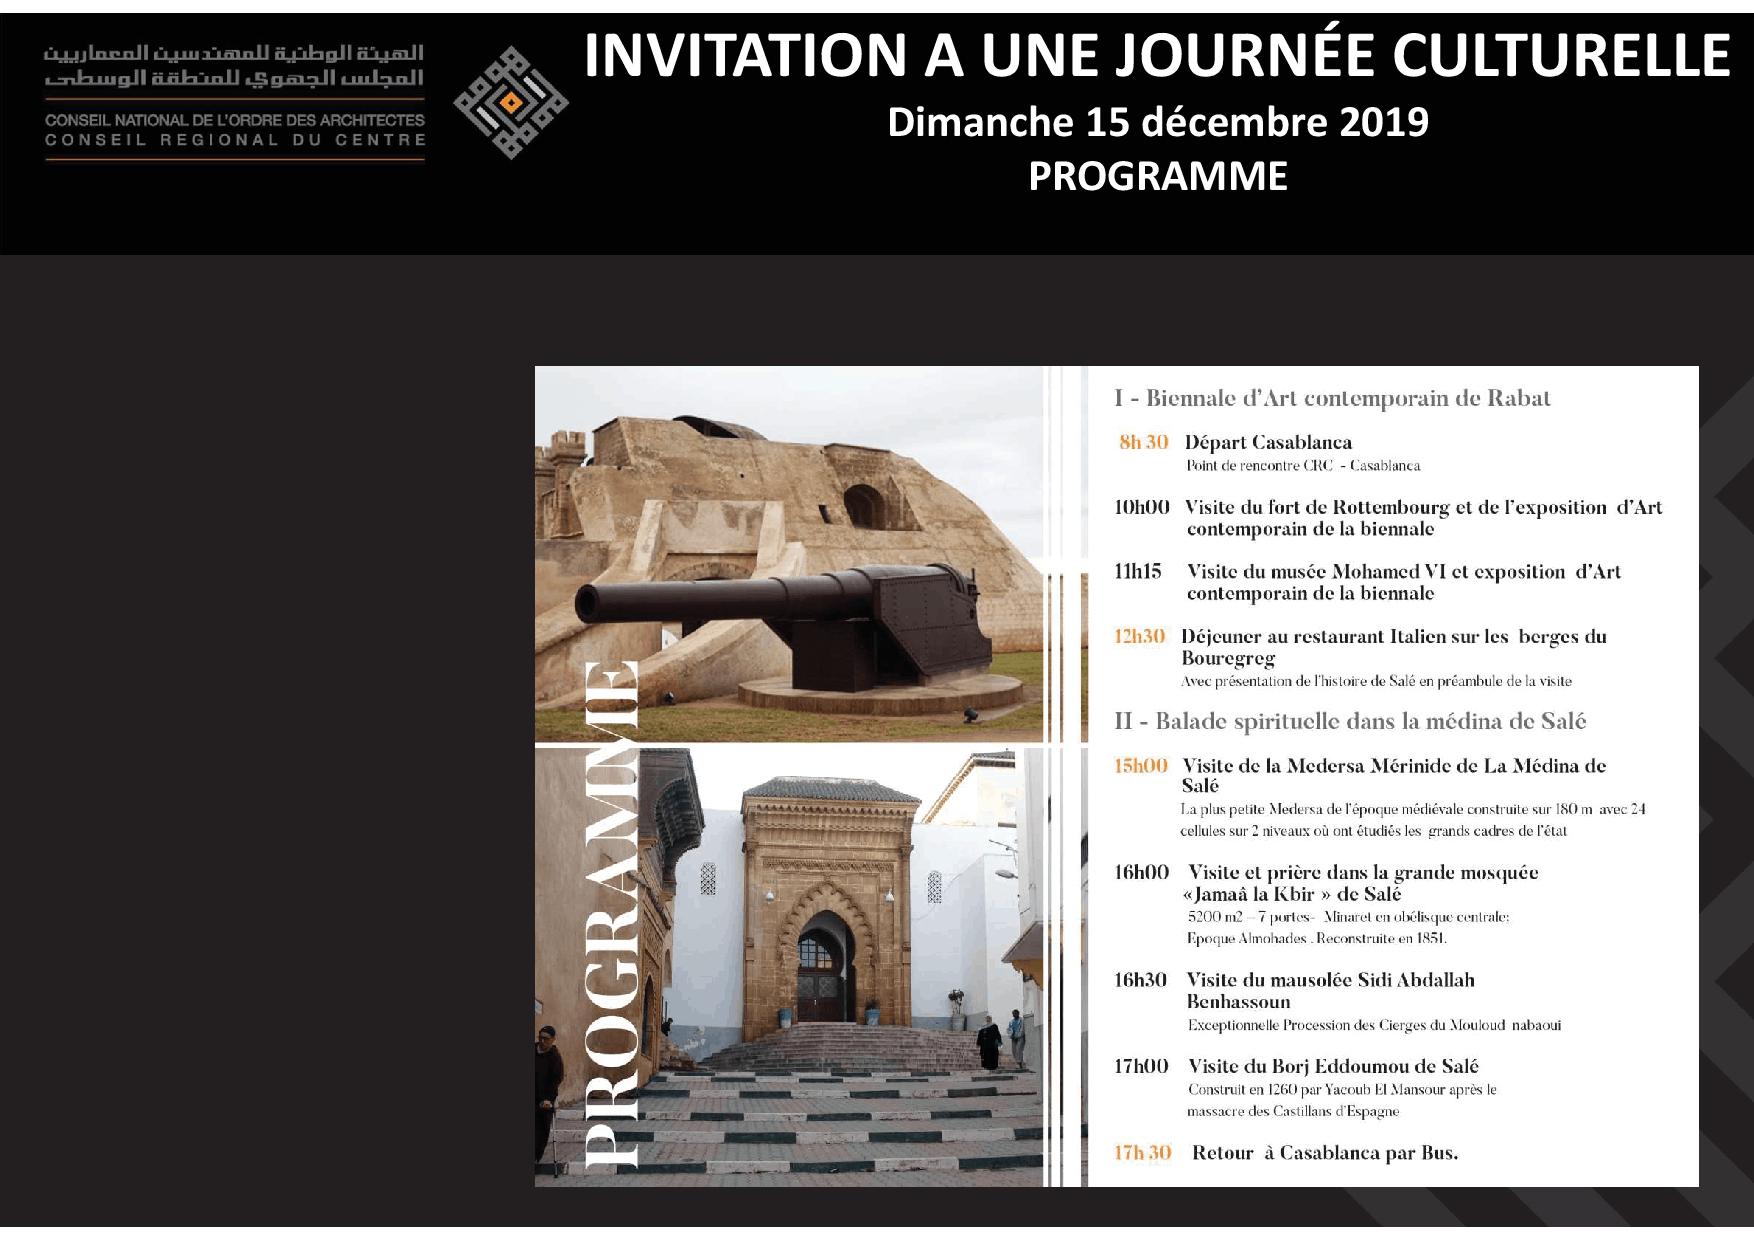 JOURNÉE CULTURELLE 15 12 19-2